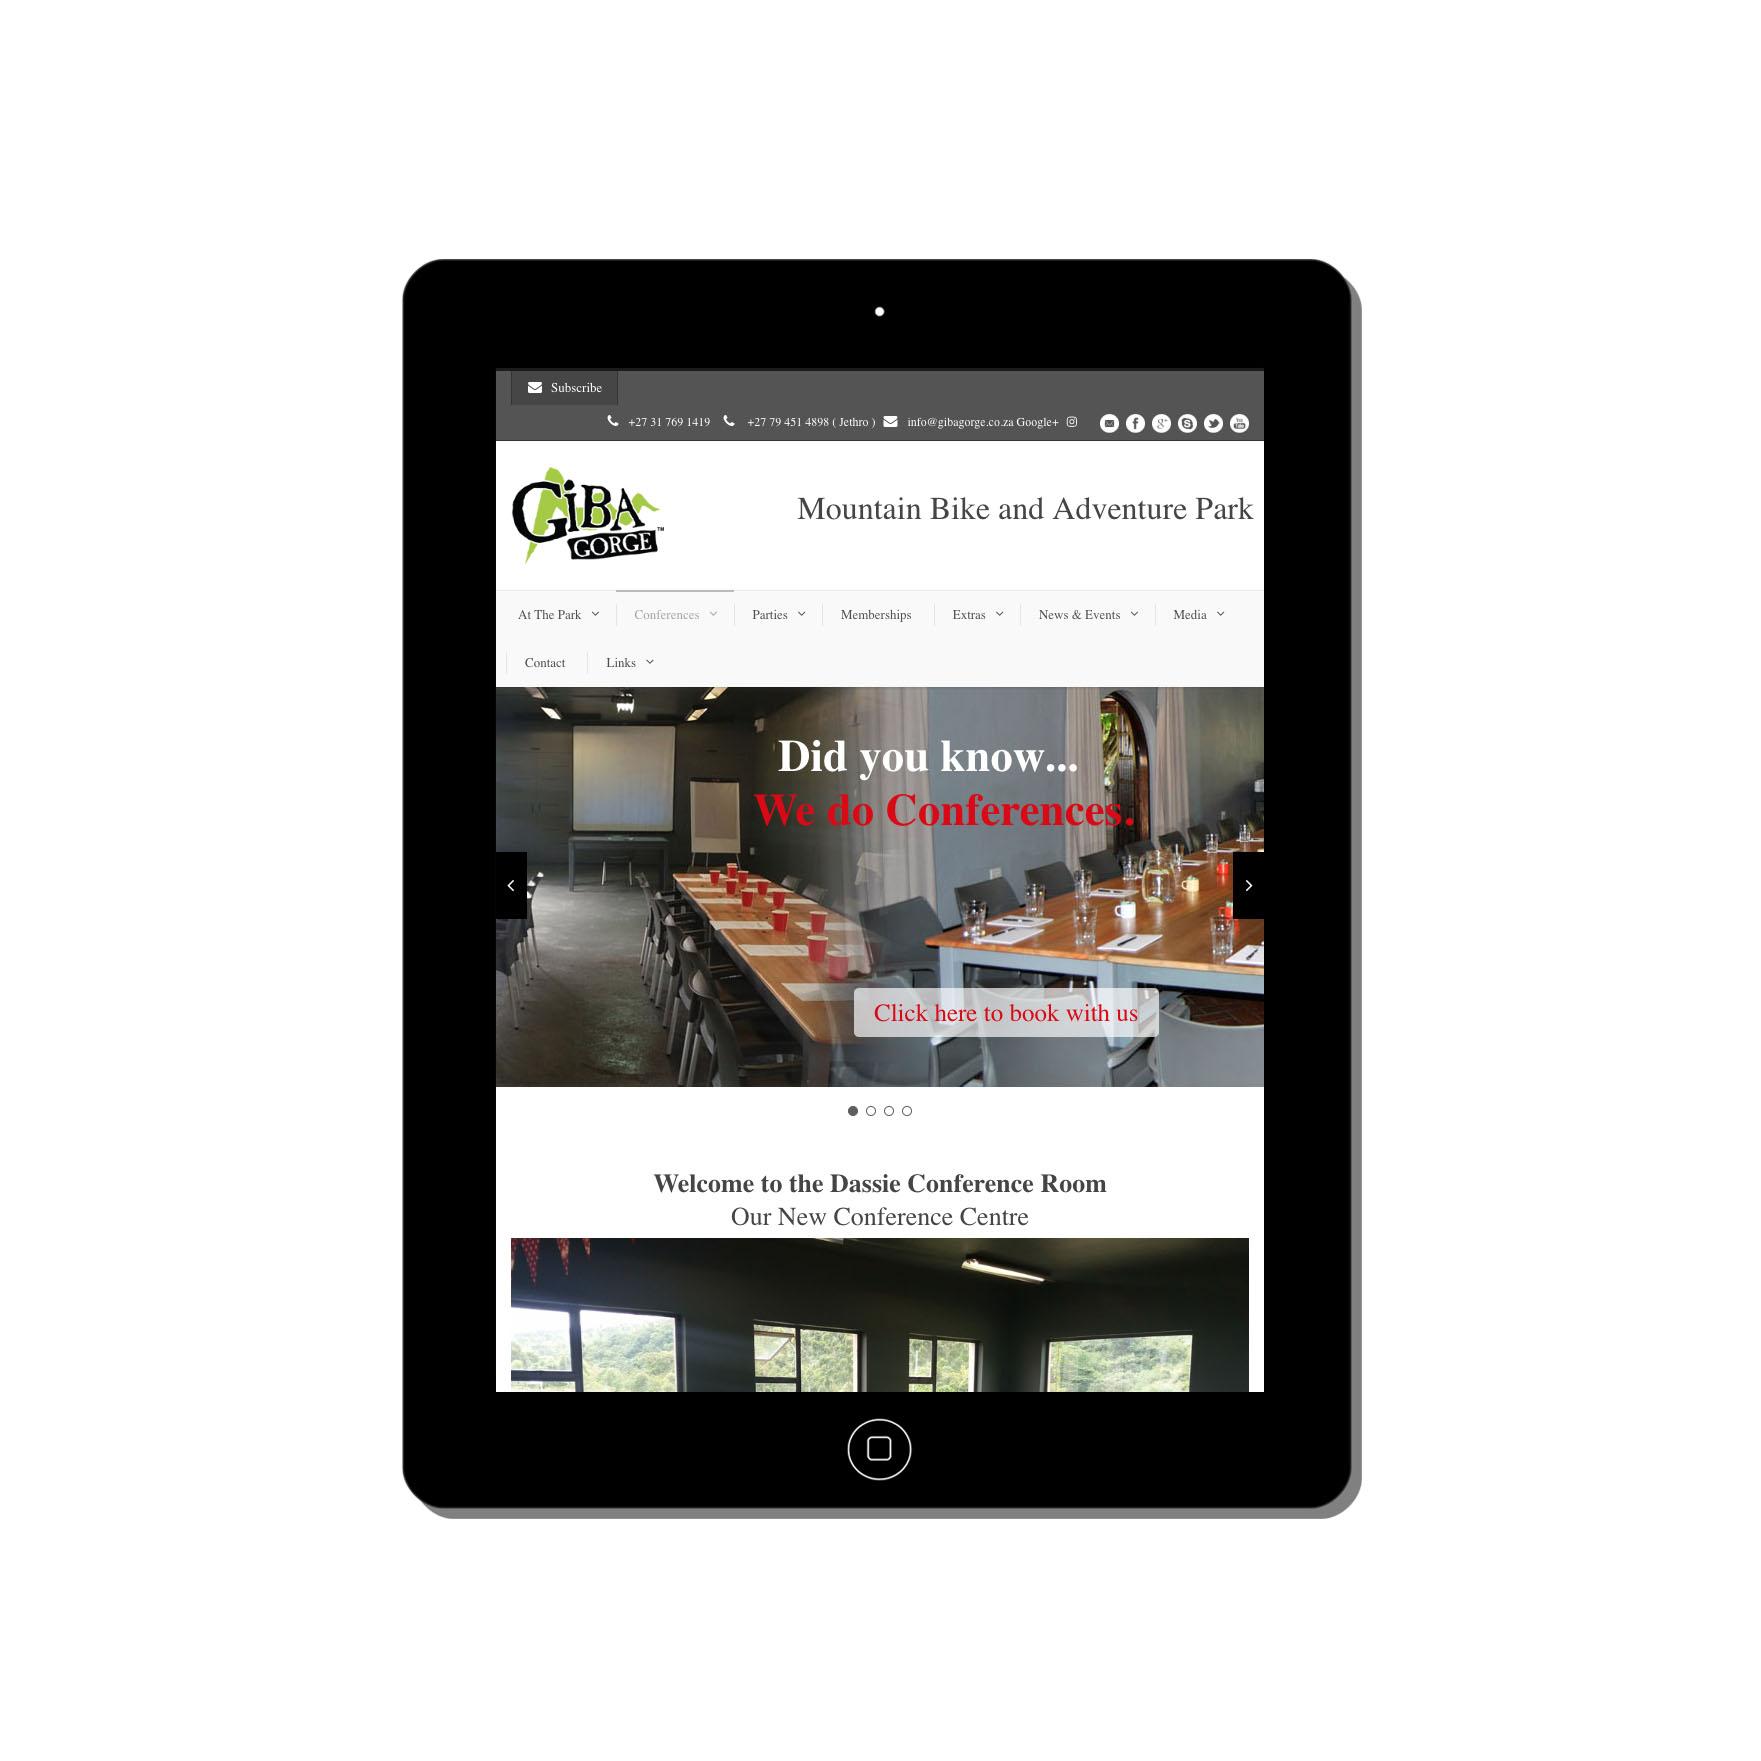 giba gorge web-design-portfolio-webdoor-responsive-web-design-agency-hillcrest-kwazulu-natal-tablet